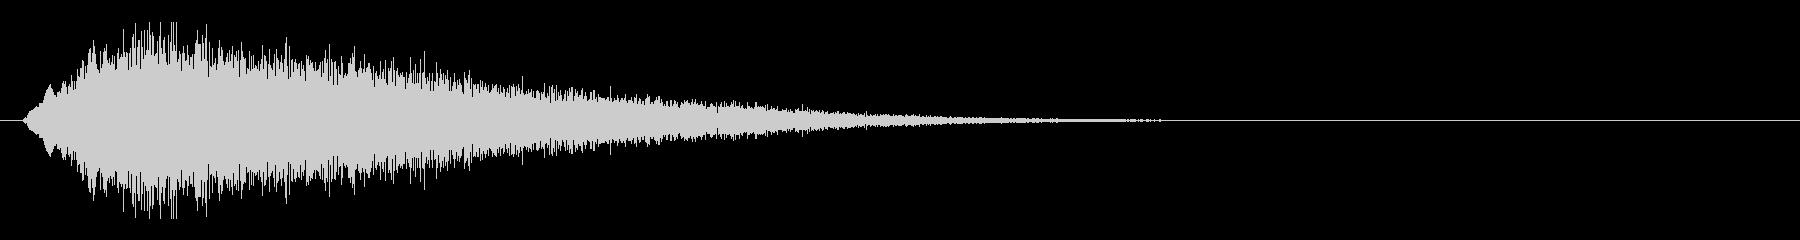 サスペンスピアノ音_15-3の未再生の波形